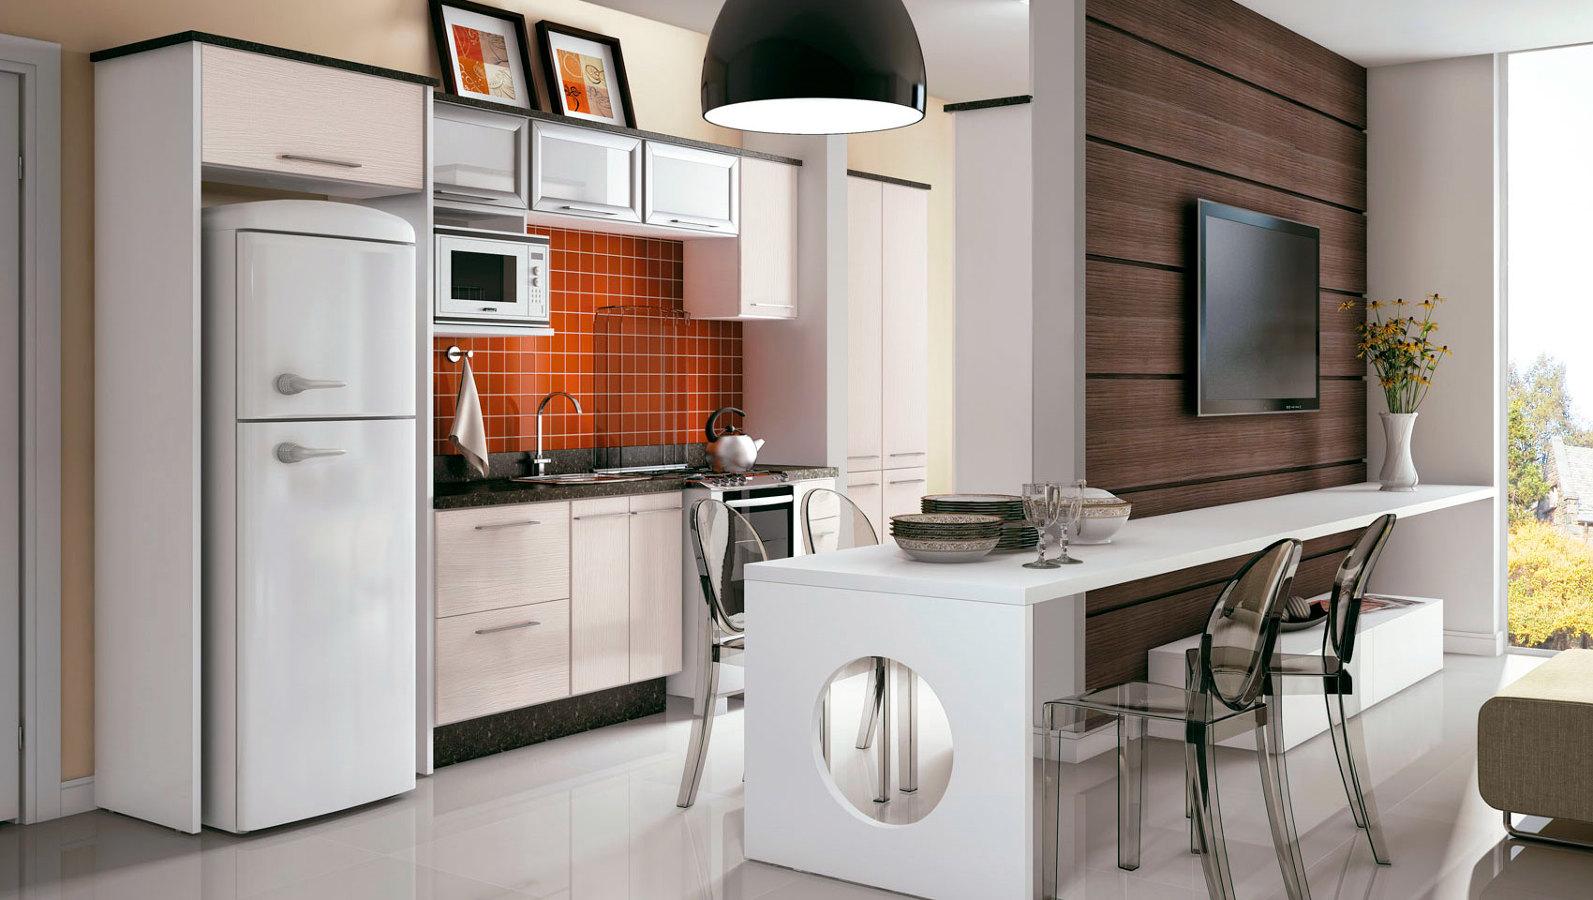 Cozinhas Planejadas Tok e Art – Móveis Planejados #B64615 1593 900